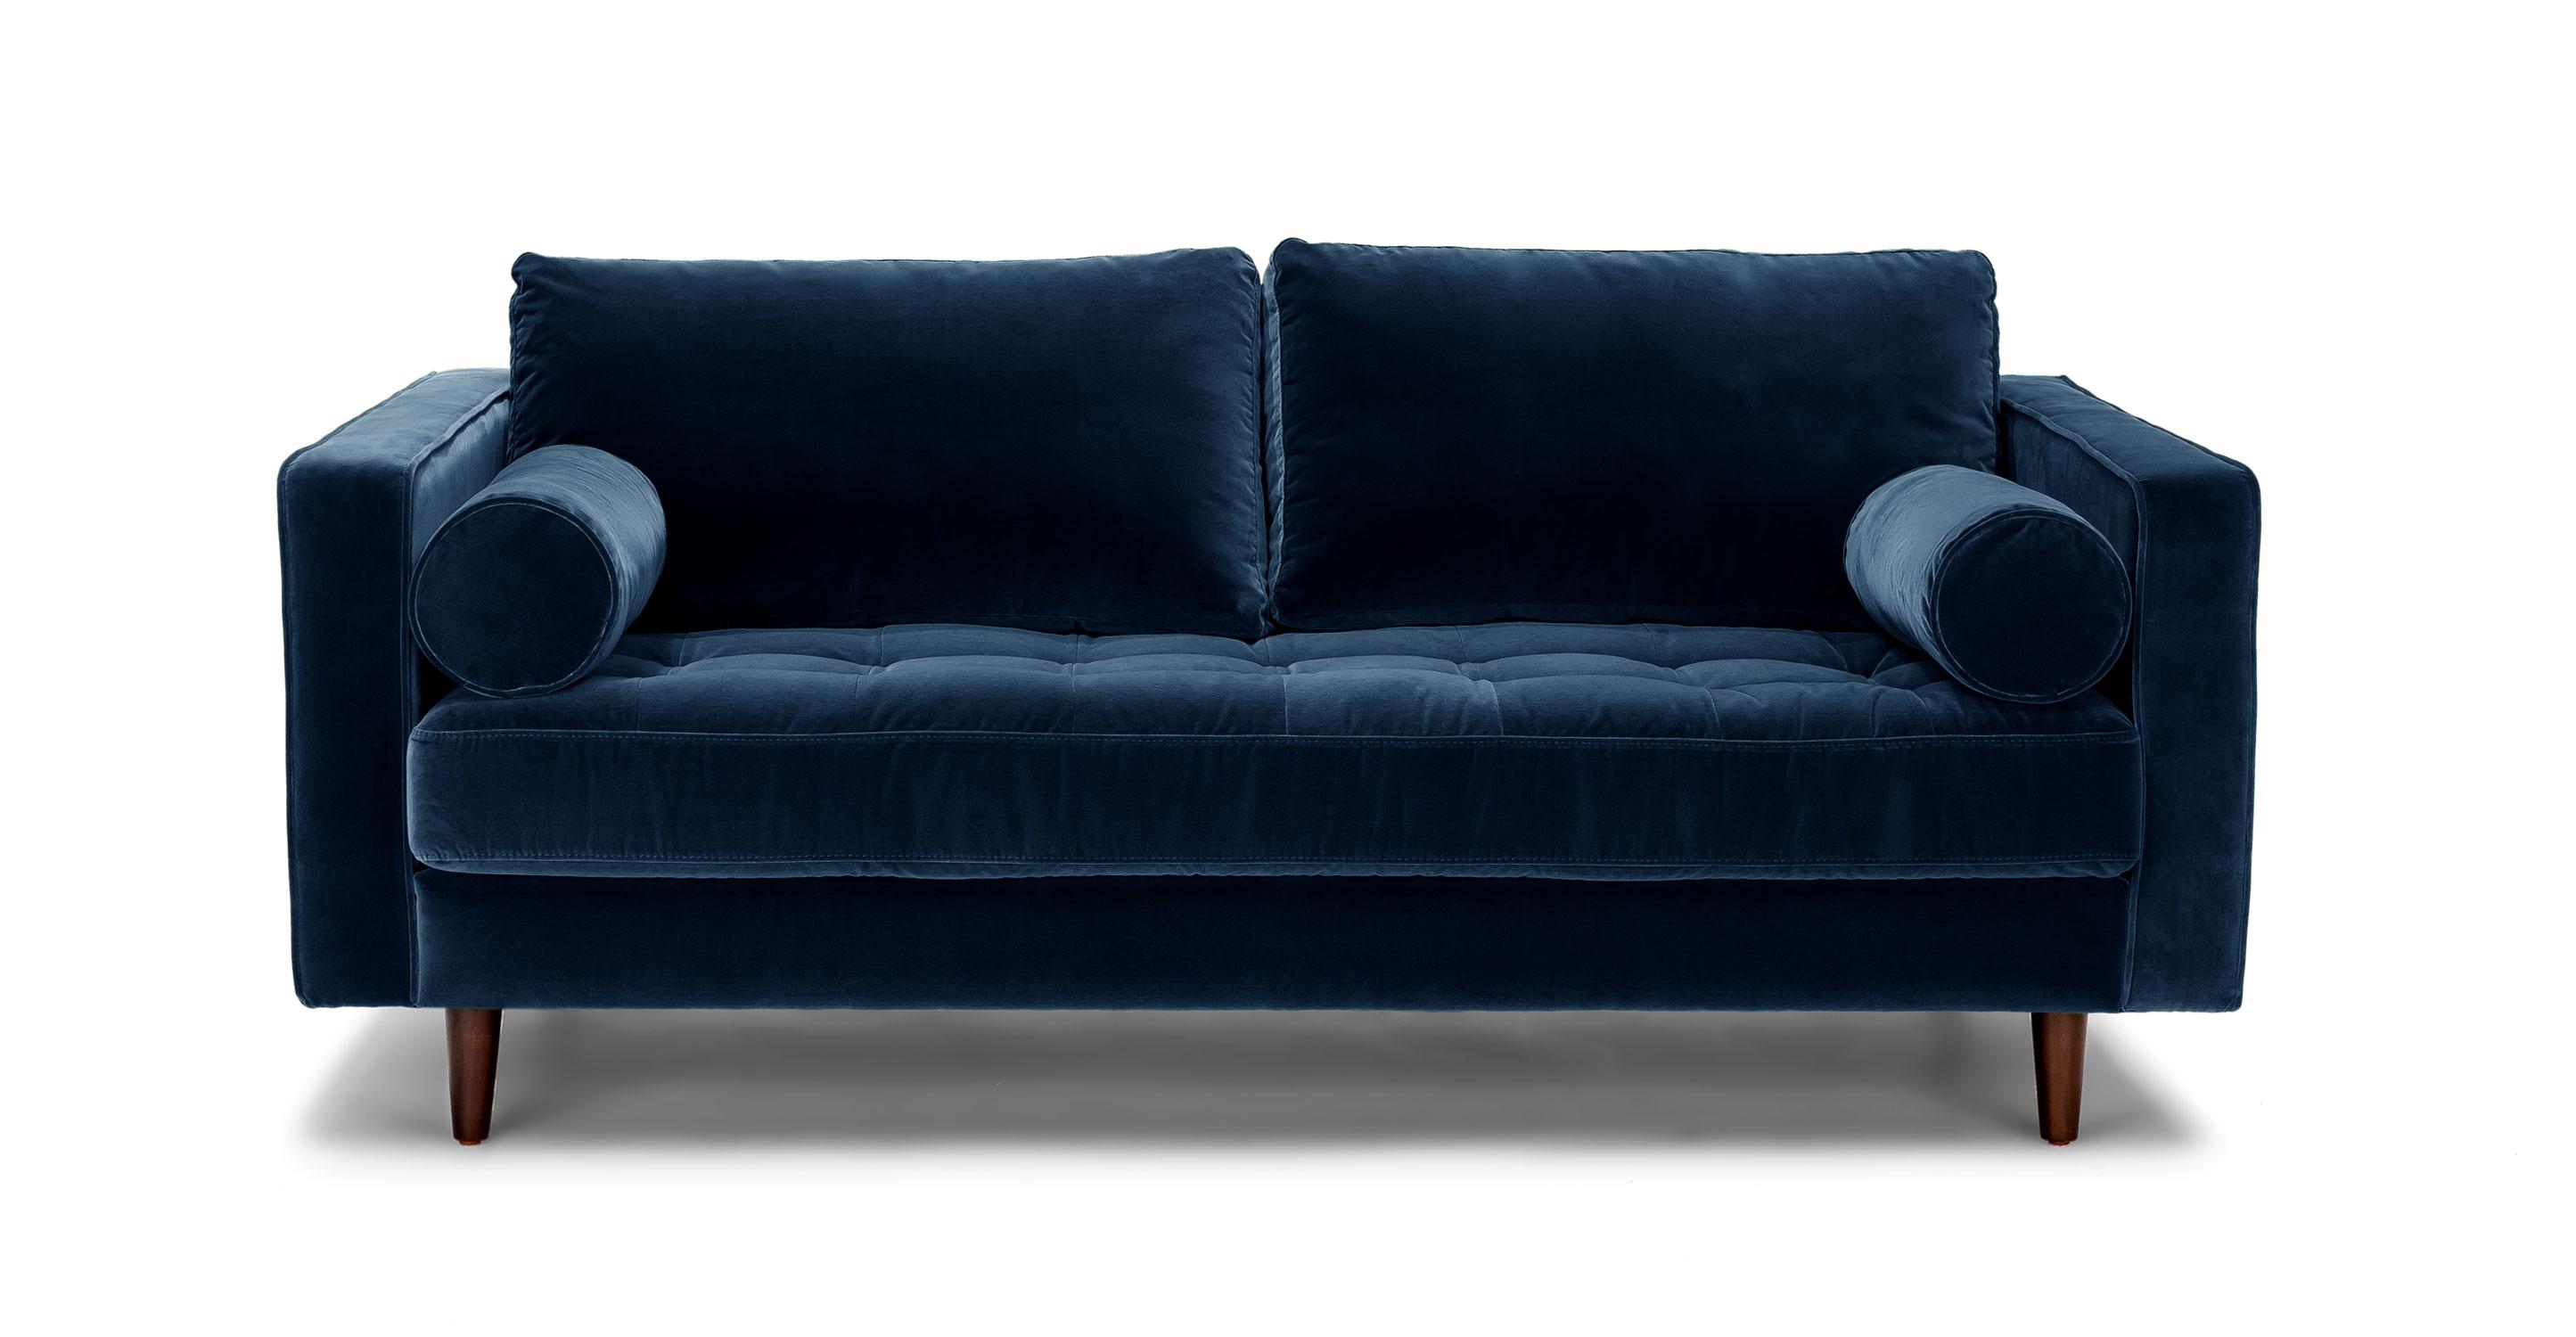 Velvet sofas sven cascadia blue 72 UDGNSIU